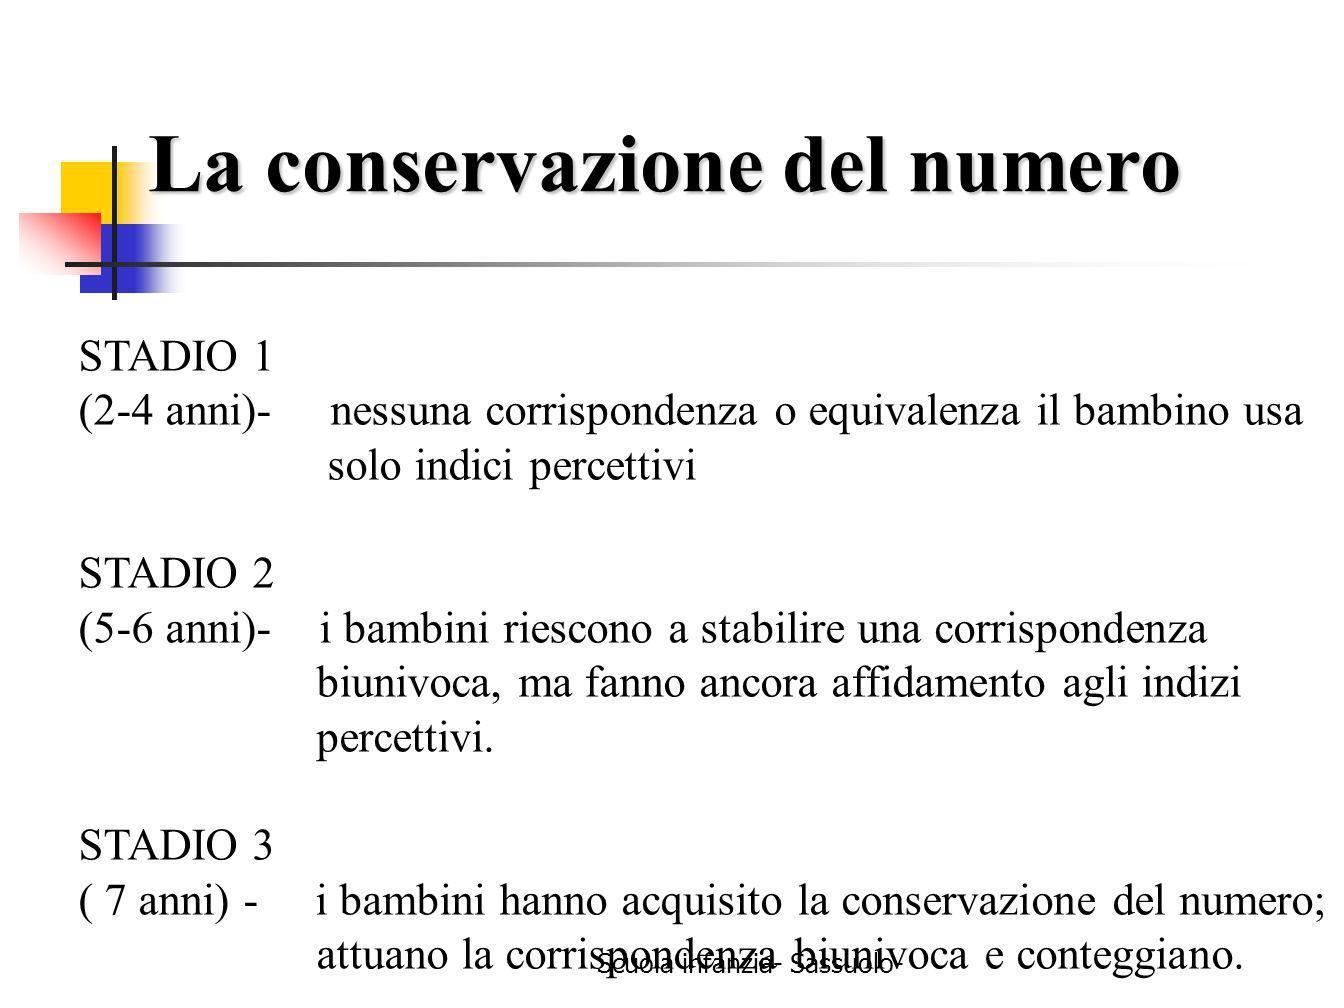 Scuola infanzia- Sassuolo- La conservazione del numero STADIO 1 (2-4 anni)- nessuna corrispondenza o equivalenza il bambino usa solo indici percettivi